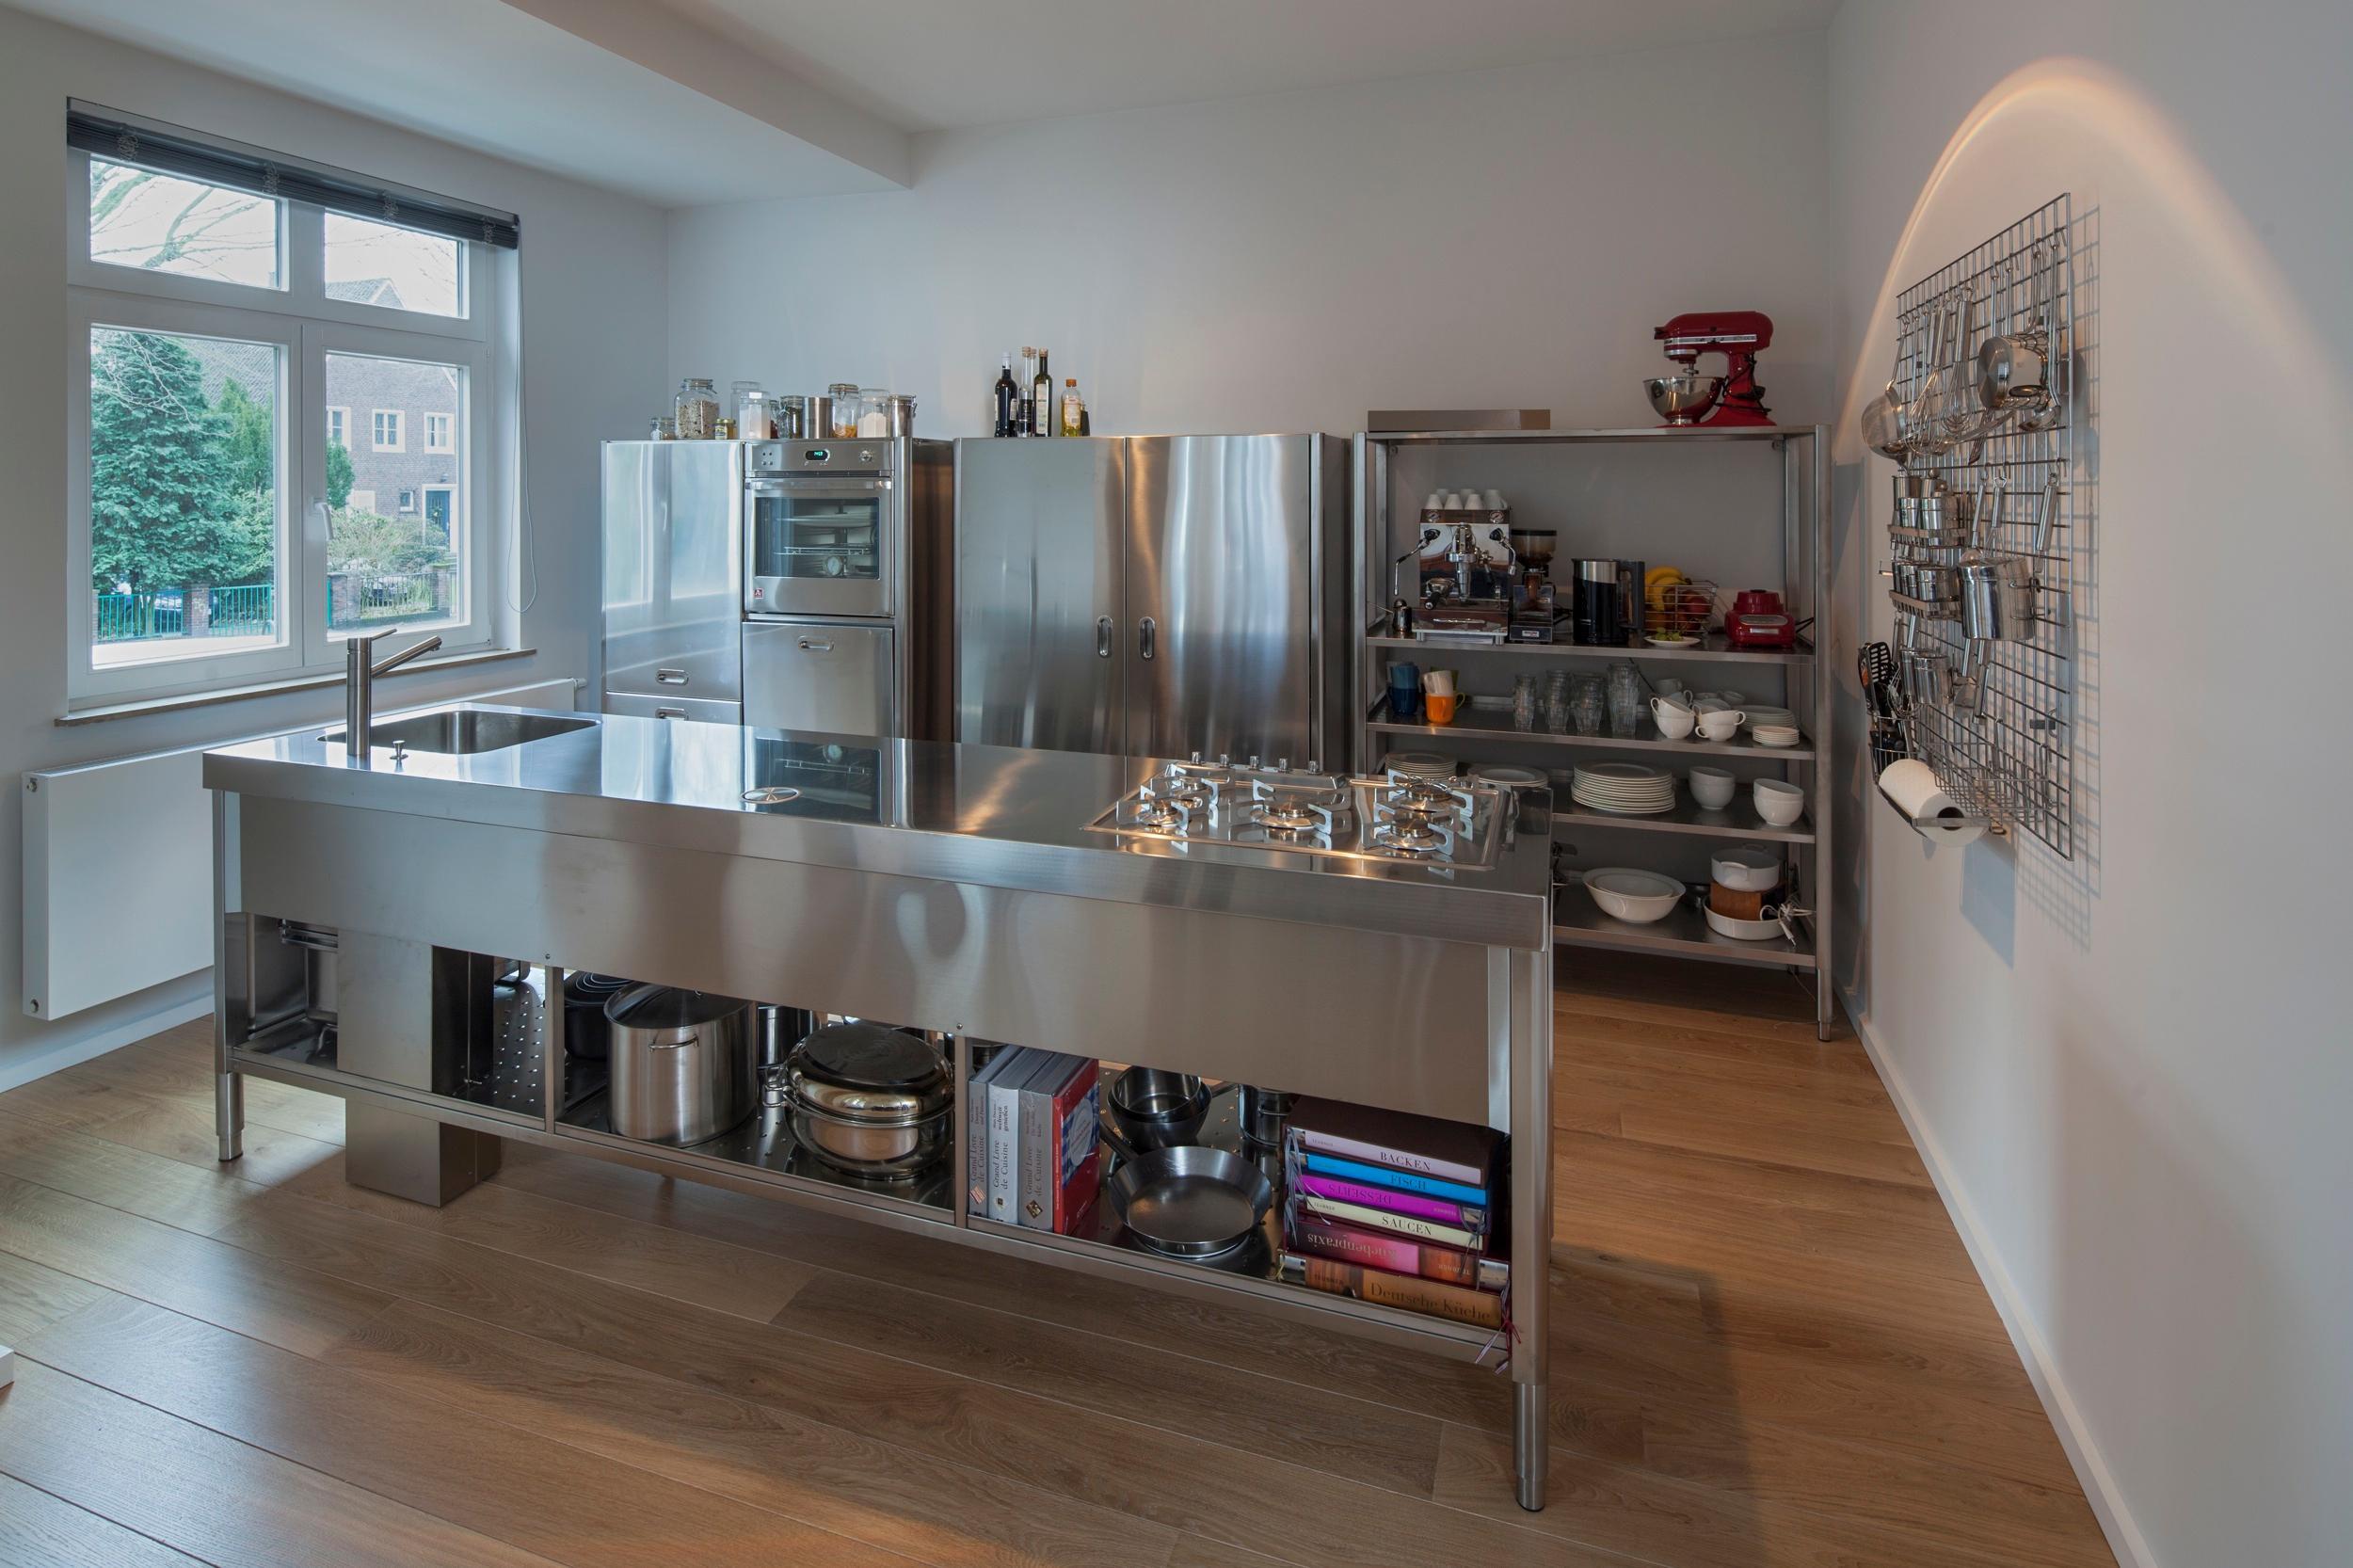 Edelstahl kuchenzeile o bilder ideen o couchstyle for Edelstahl küche